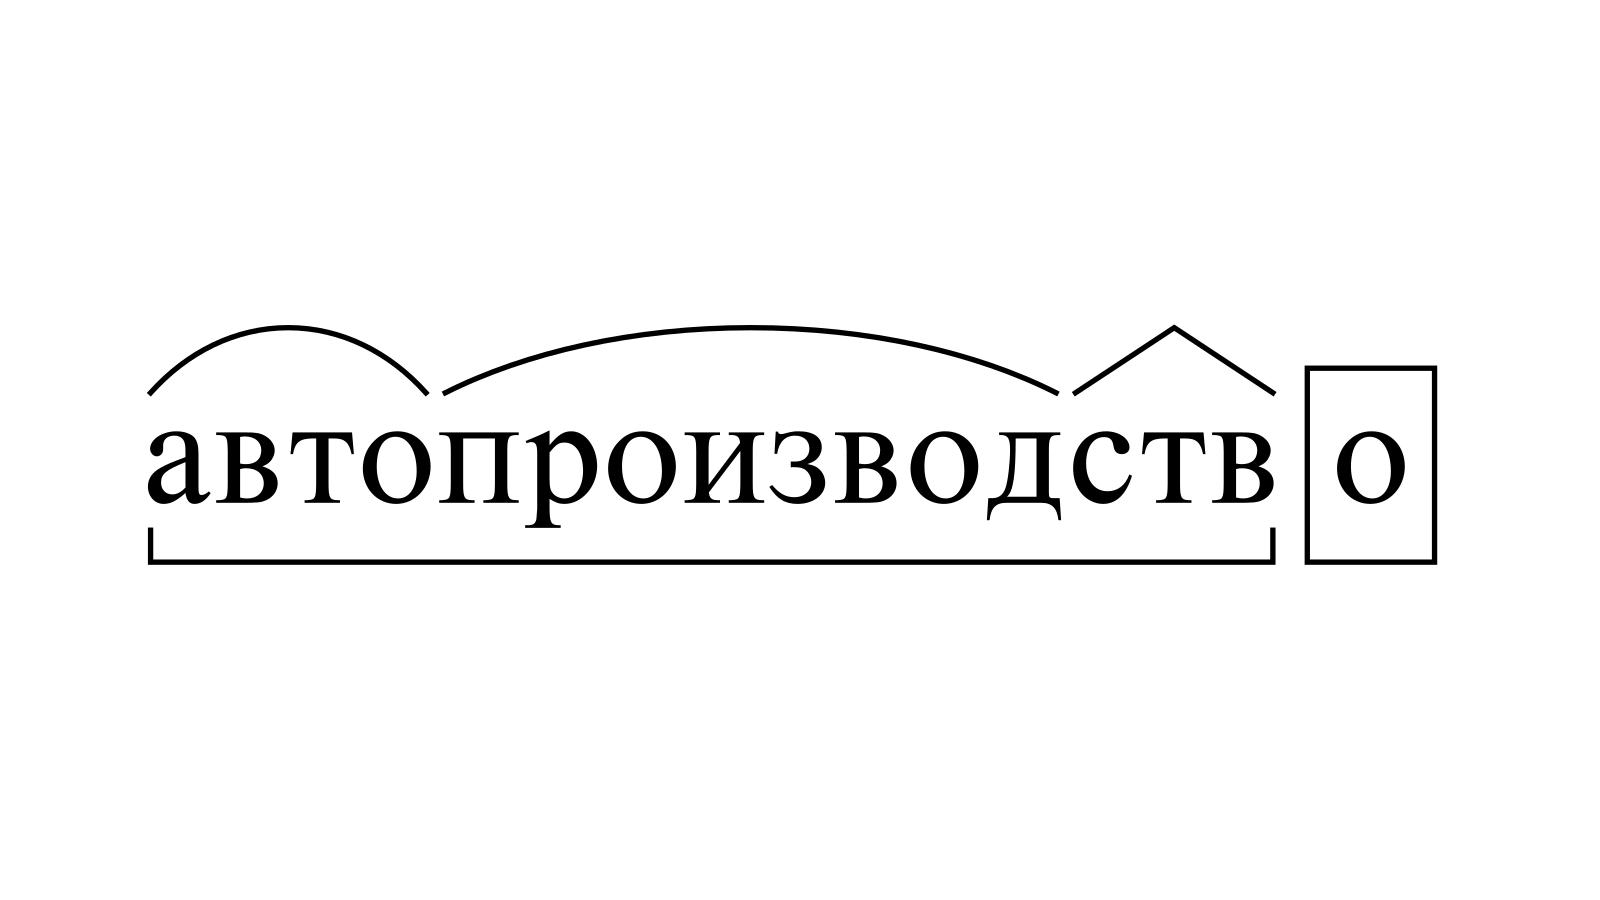 Разбор слова «автопроизводство» по составу